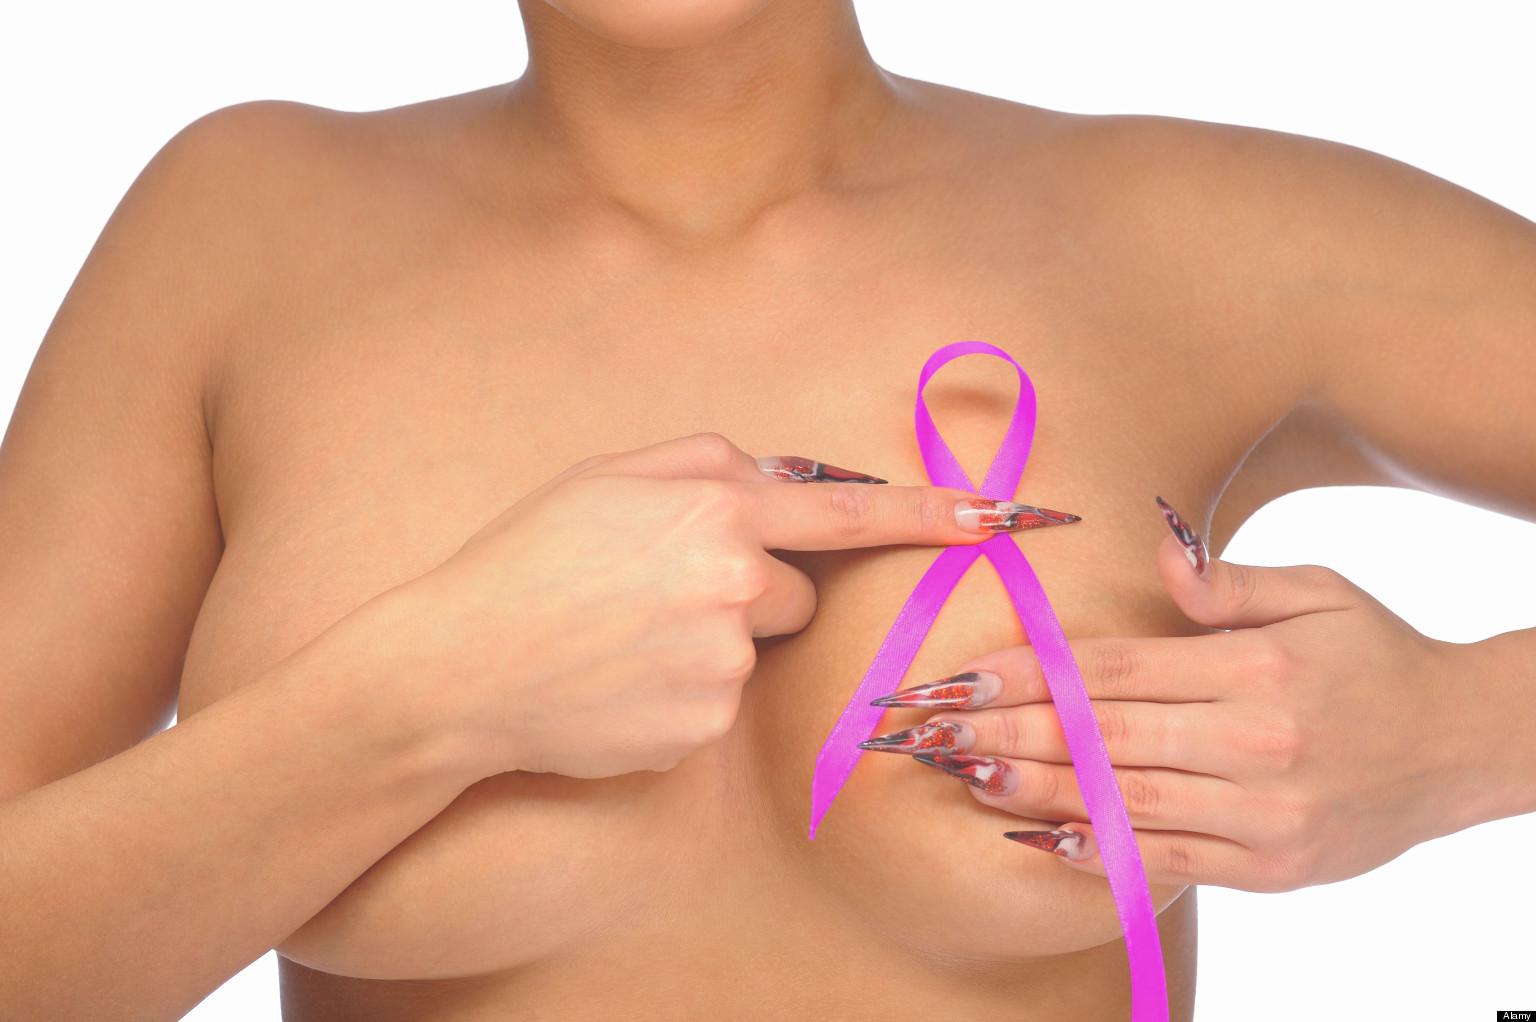 Рак по женски фото 17 фотография